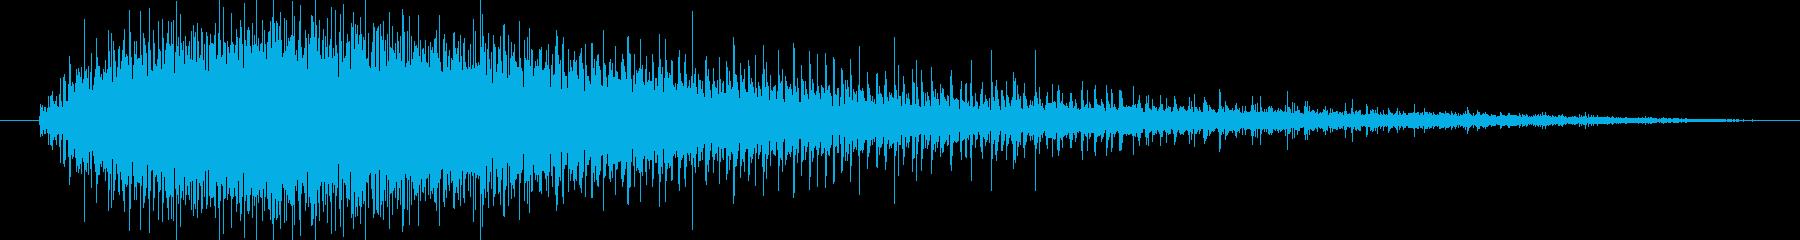 機械 ジグソーエンジン高速中長03の再生済みの波形